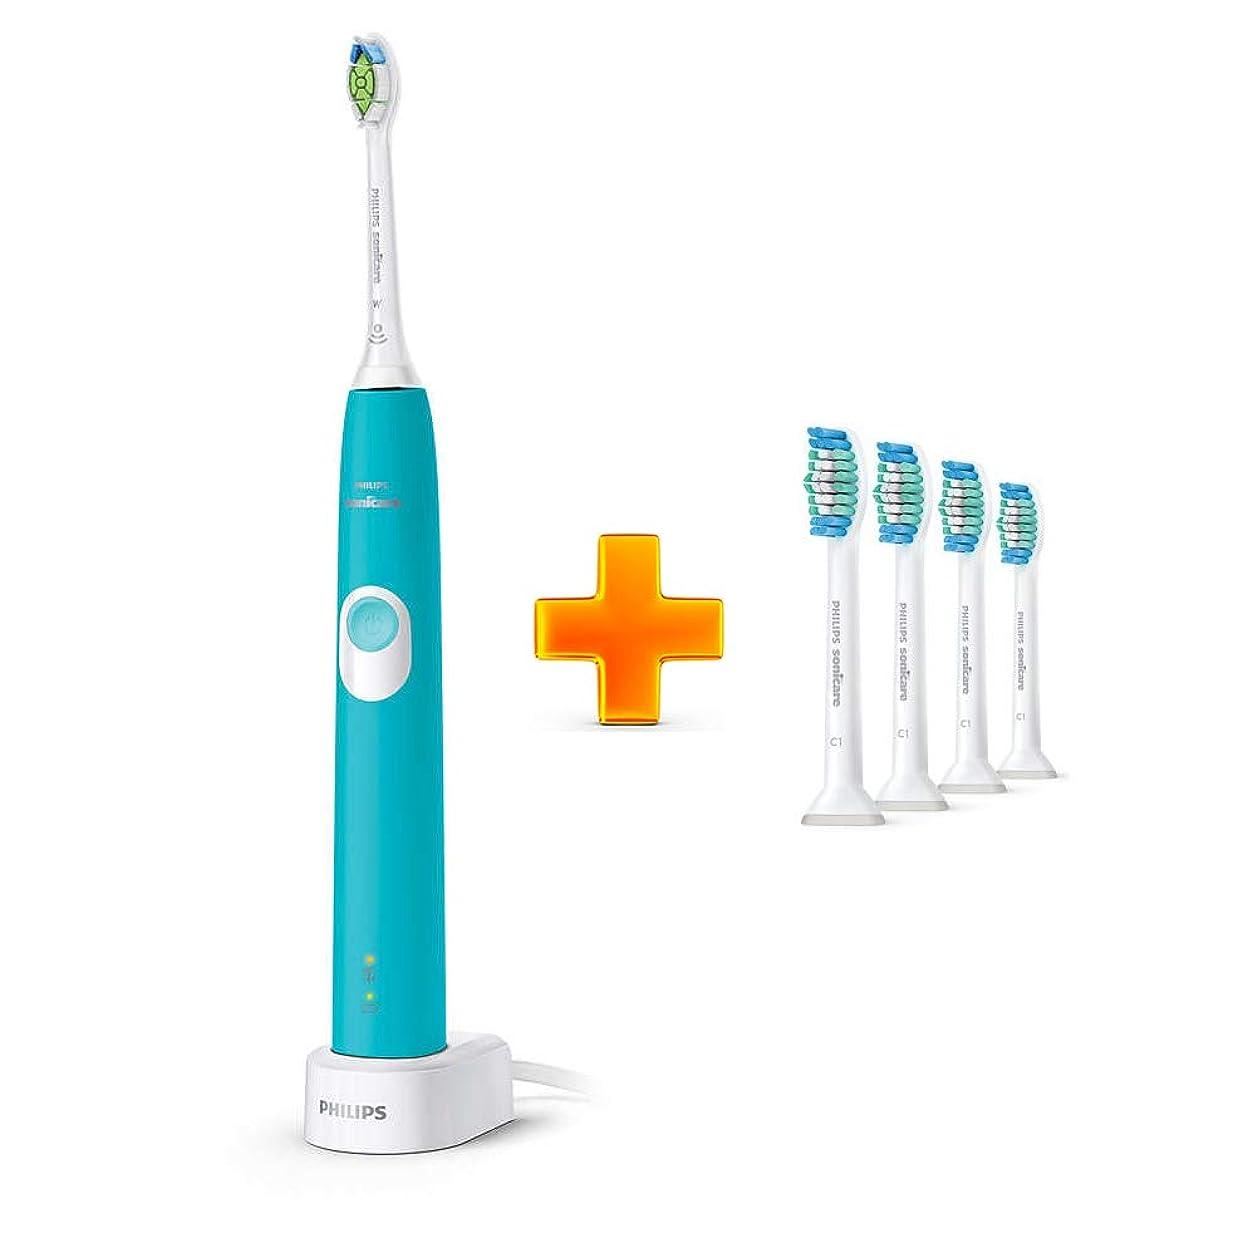 たっぷり天気コミットPhilips Sonicare ProtectiveClean 4300 HX6802プラークコントロール、充電式電動歯ブラシTurkey Blue + PRORESULT歯ブラシHX6014 4 PCS [並行輸入品]